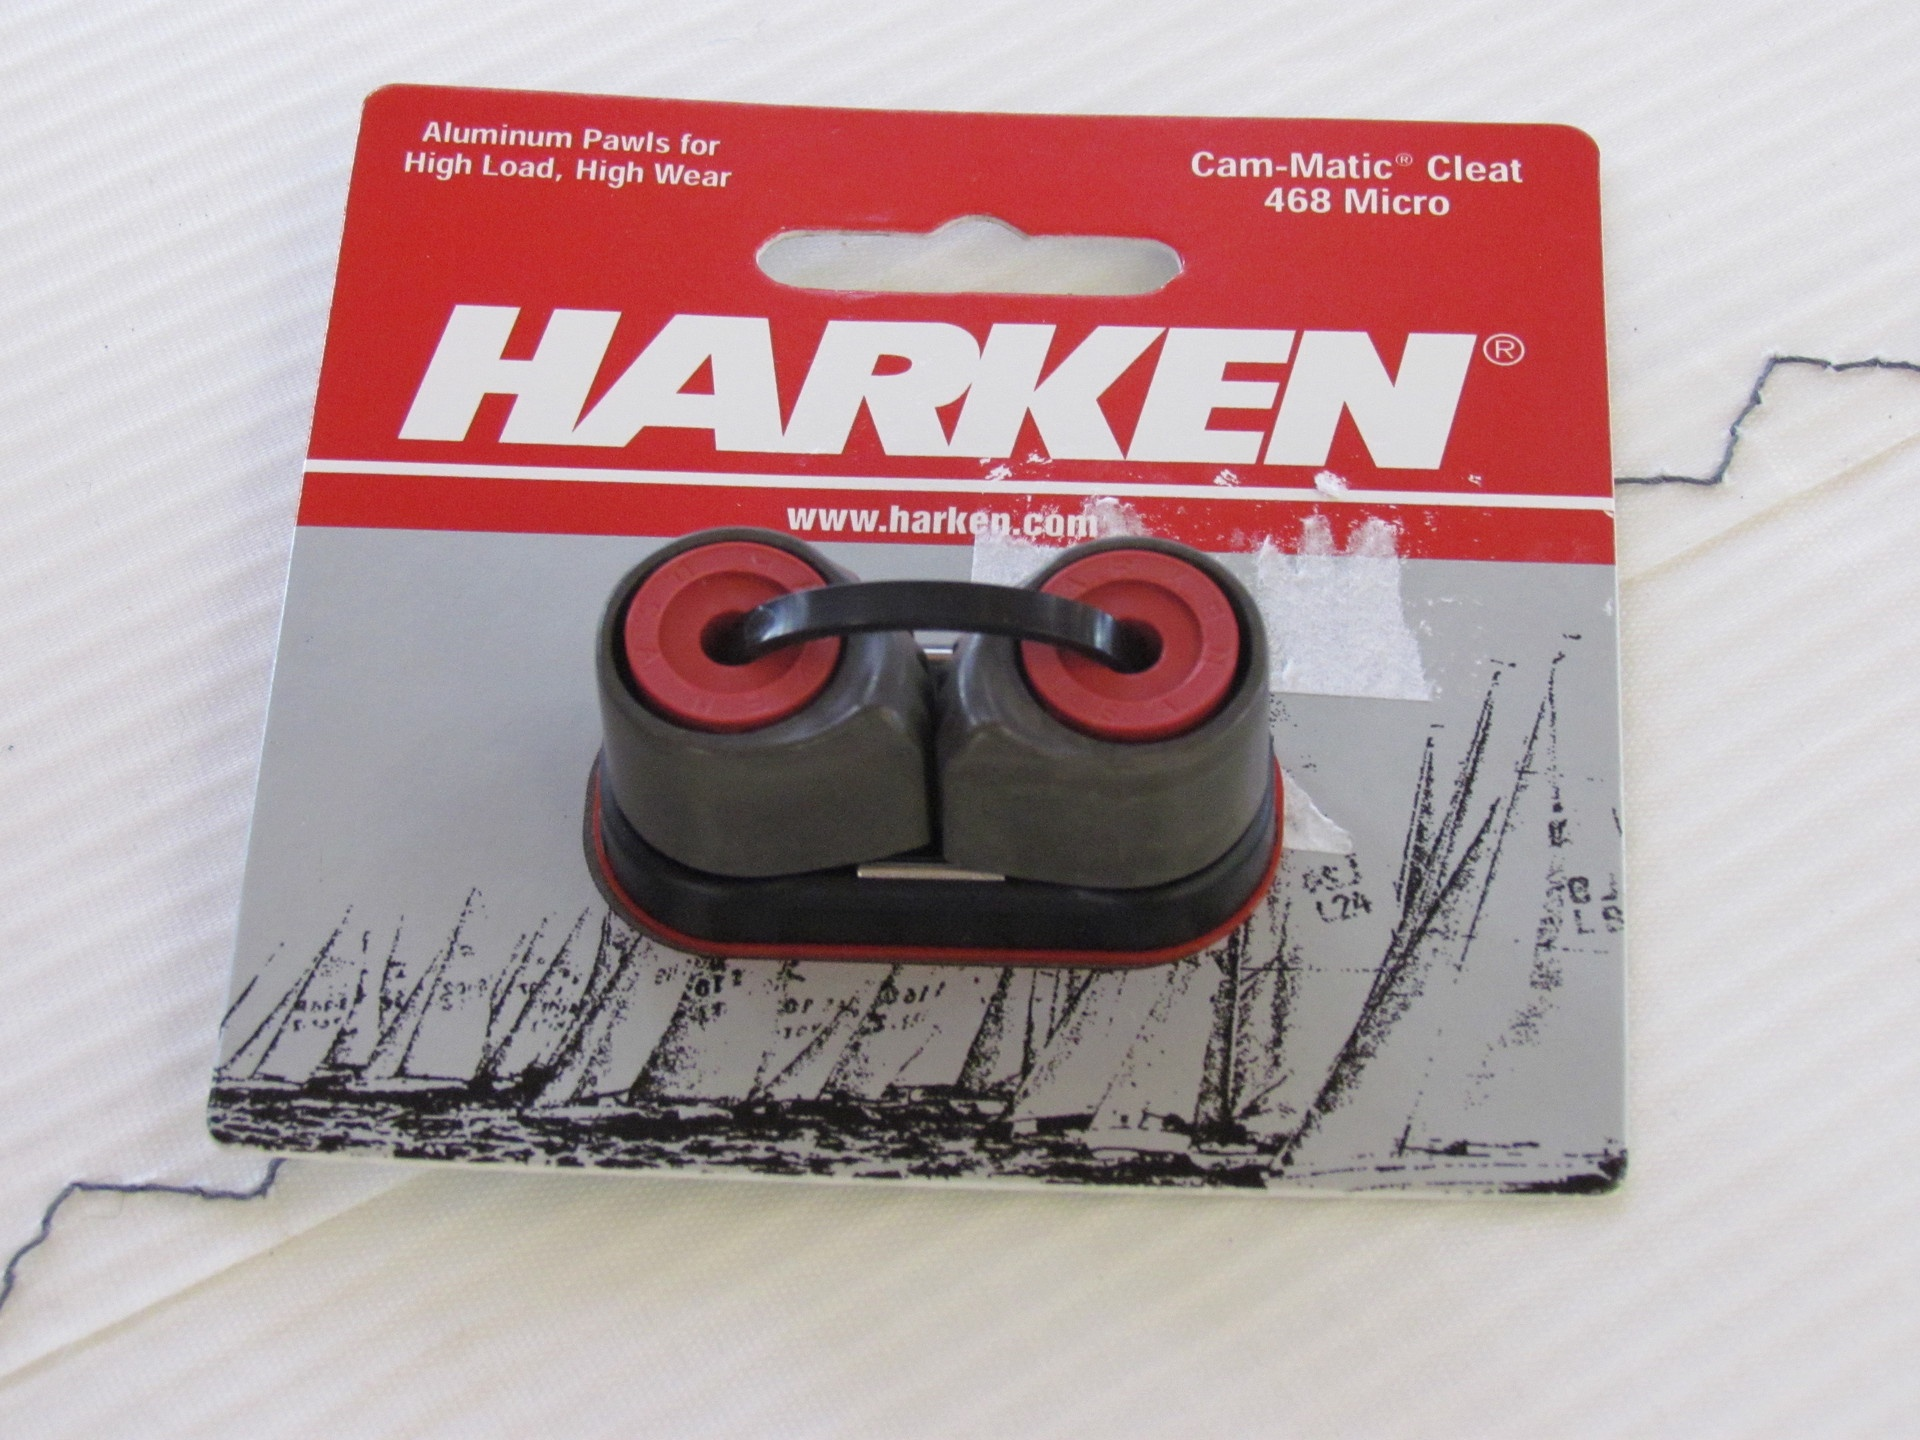 Harken Micro Cam-Matic II Cam Cleat